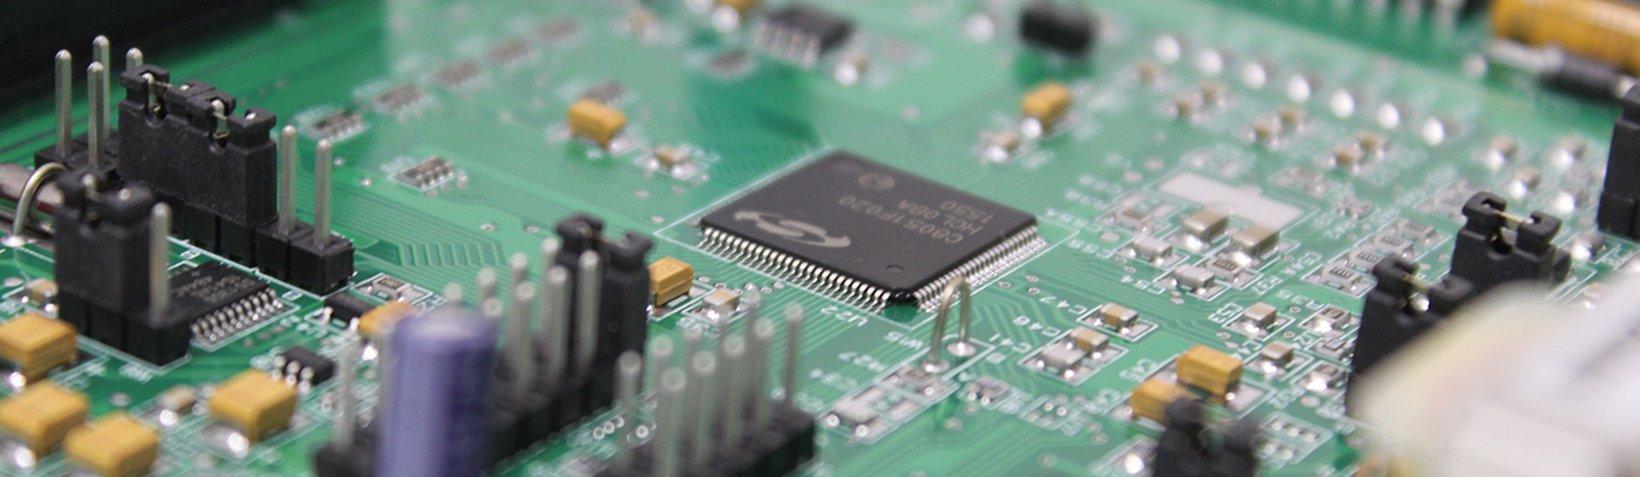 PCBA - Permatech Electronics